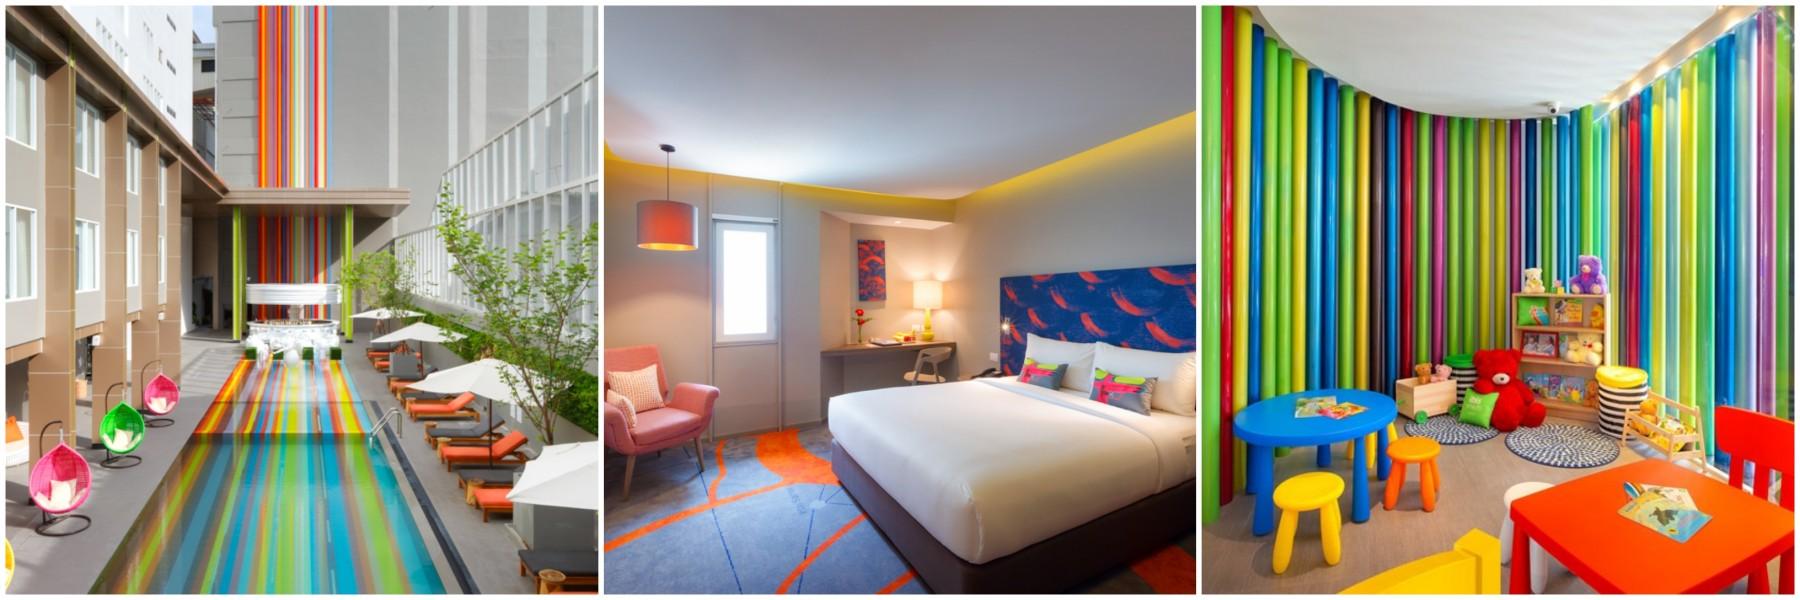 考山路酒店